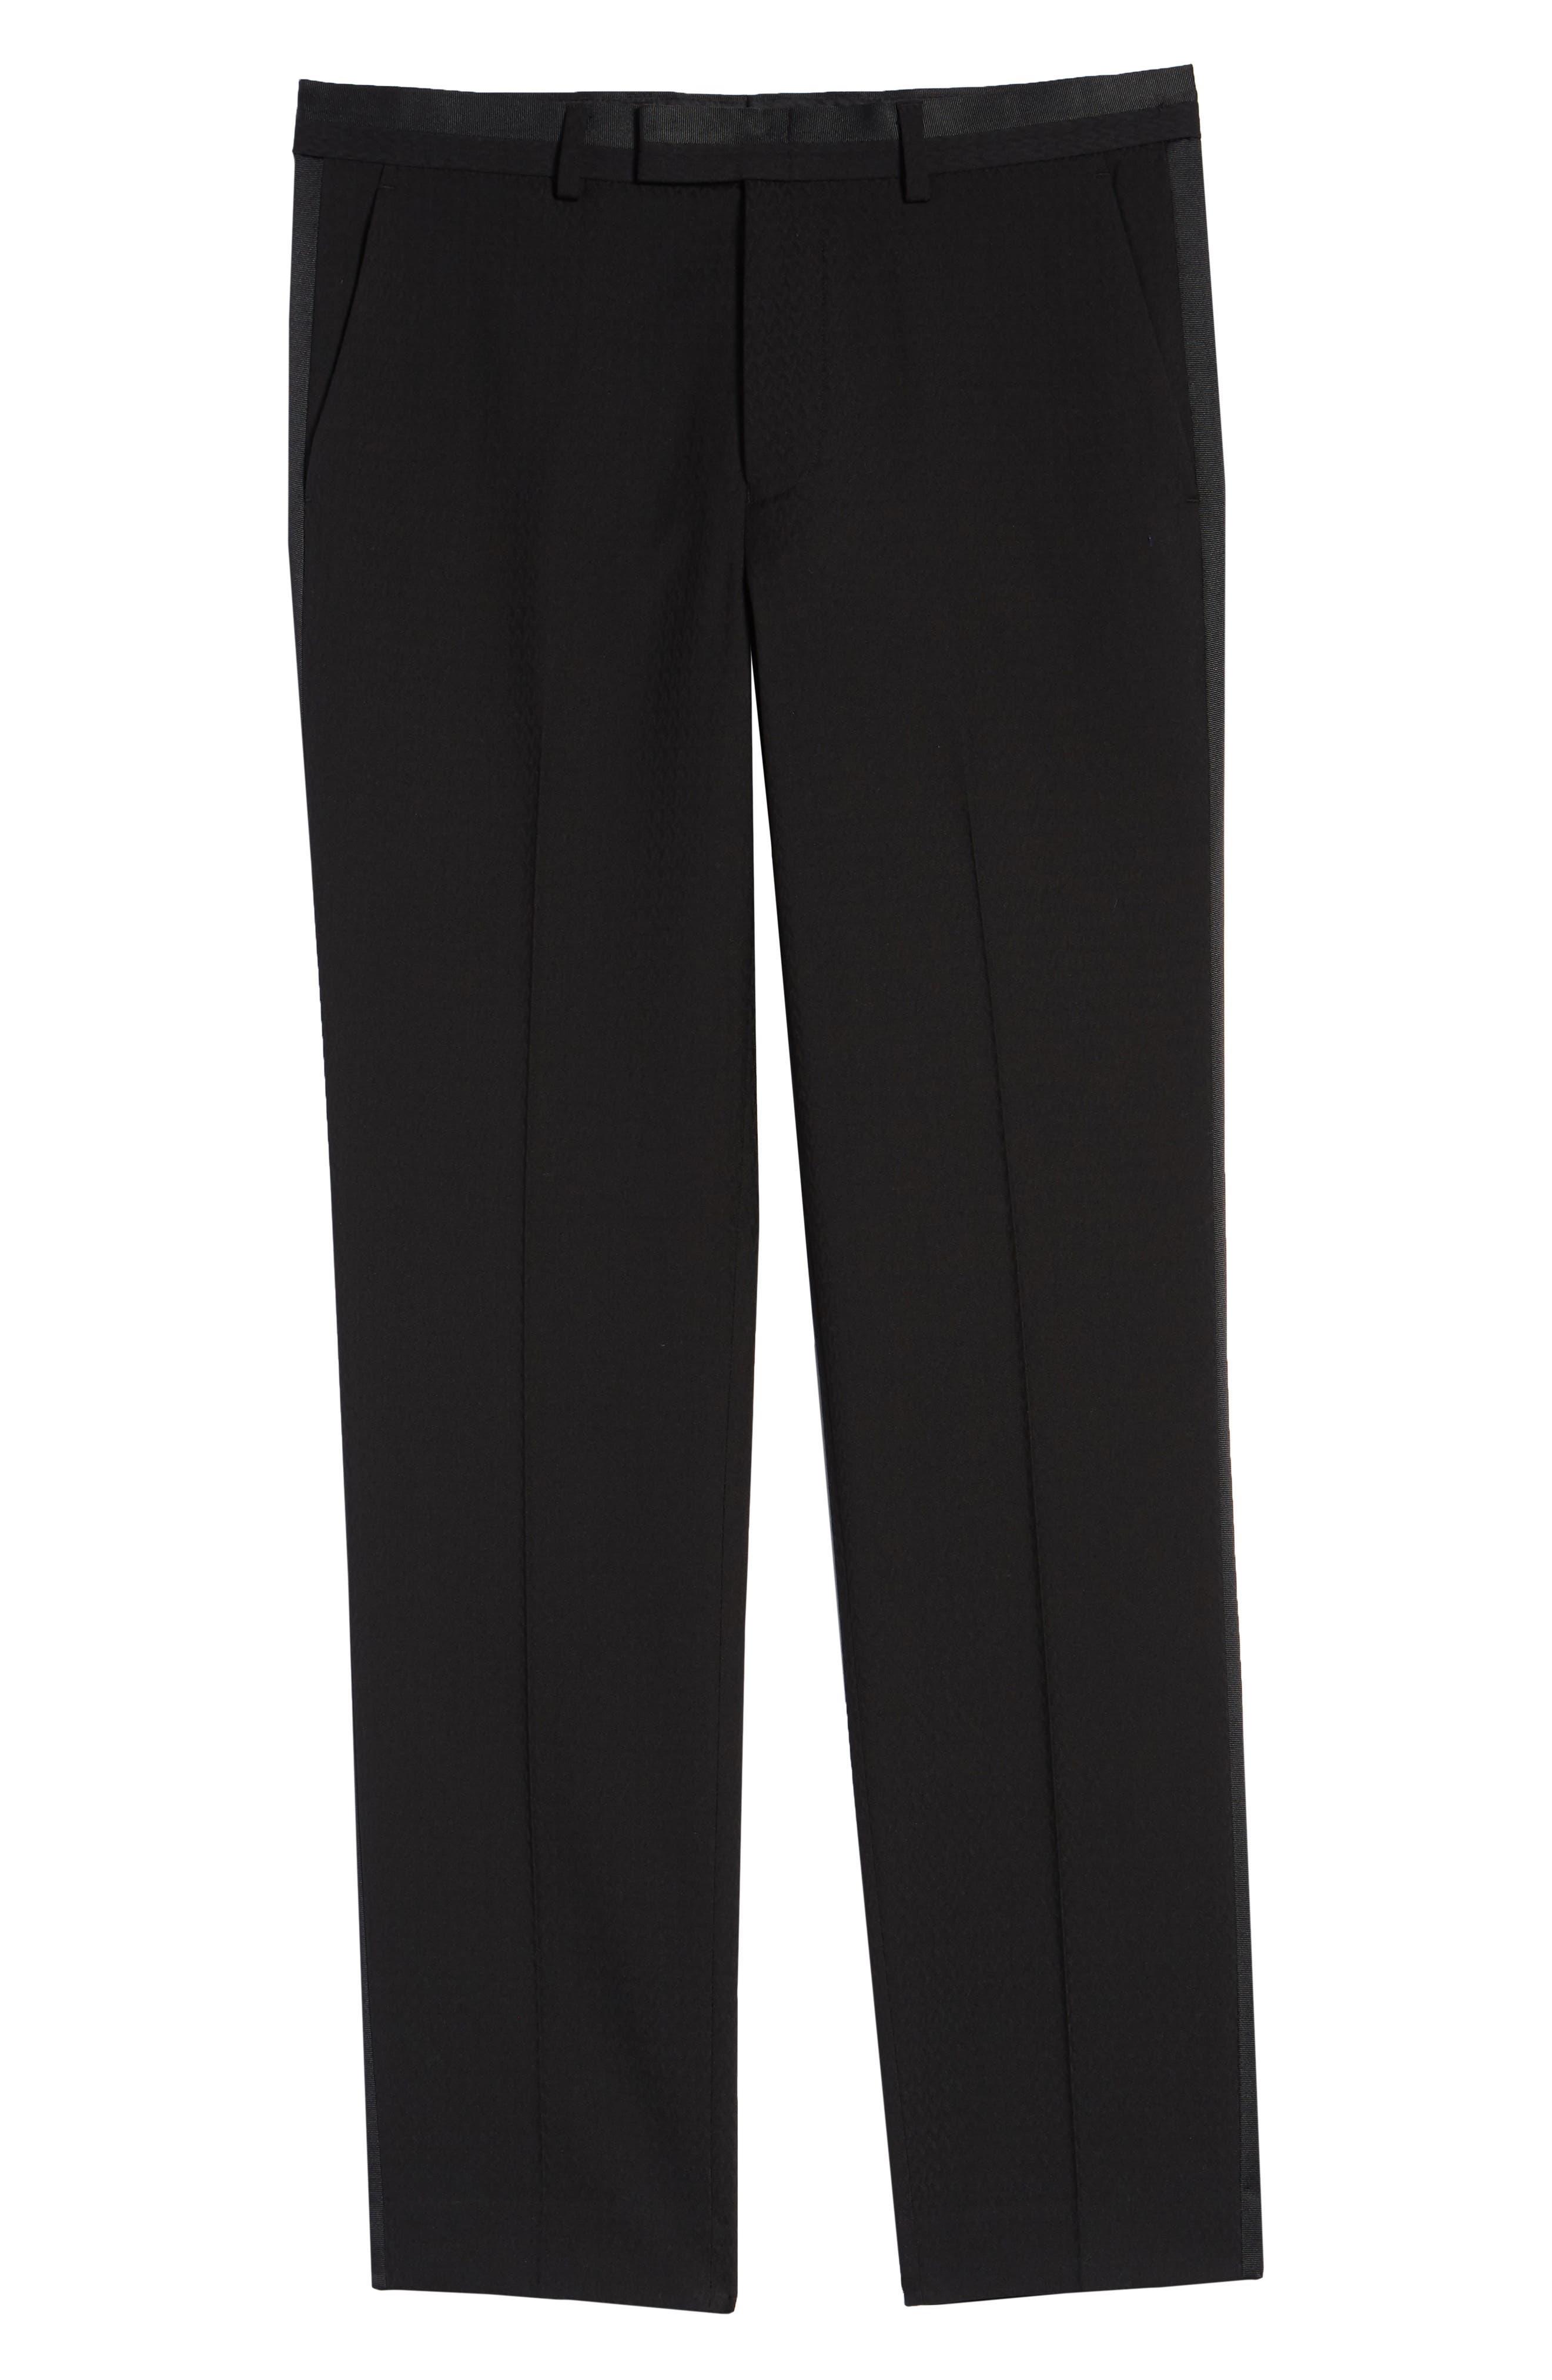 Kingley Slim Fit Tuxedo Pants,                             Alternate thumbnail 6, color,                             BLACK